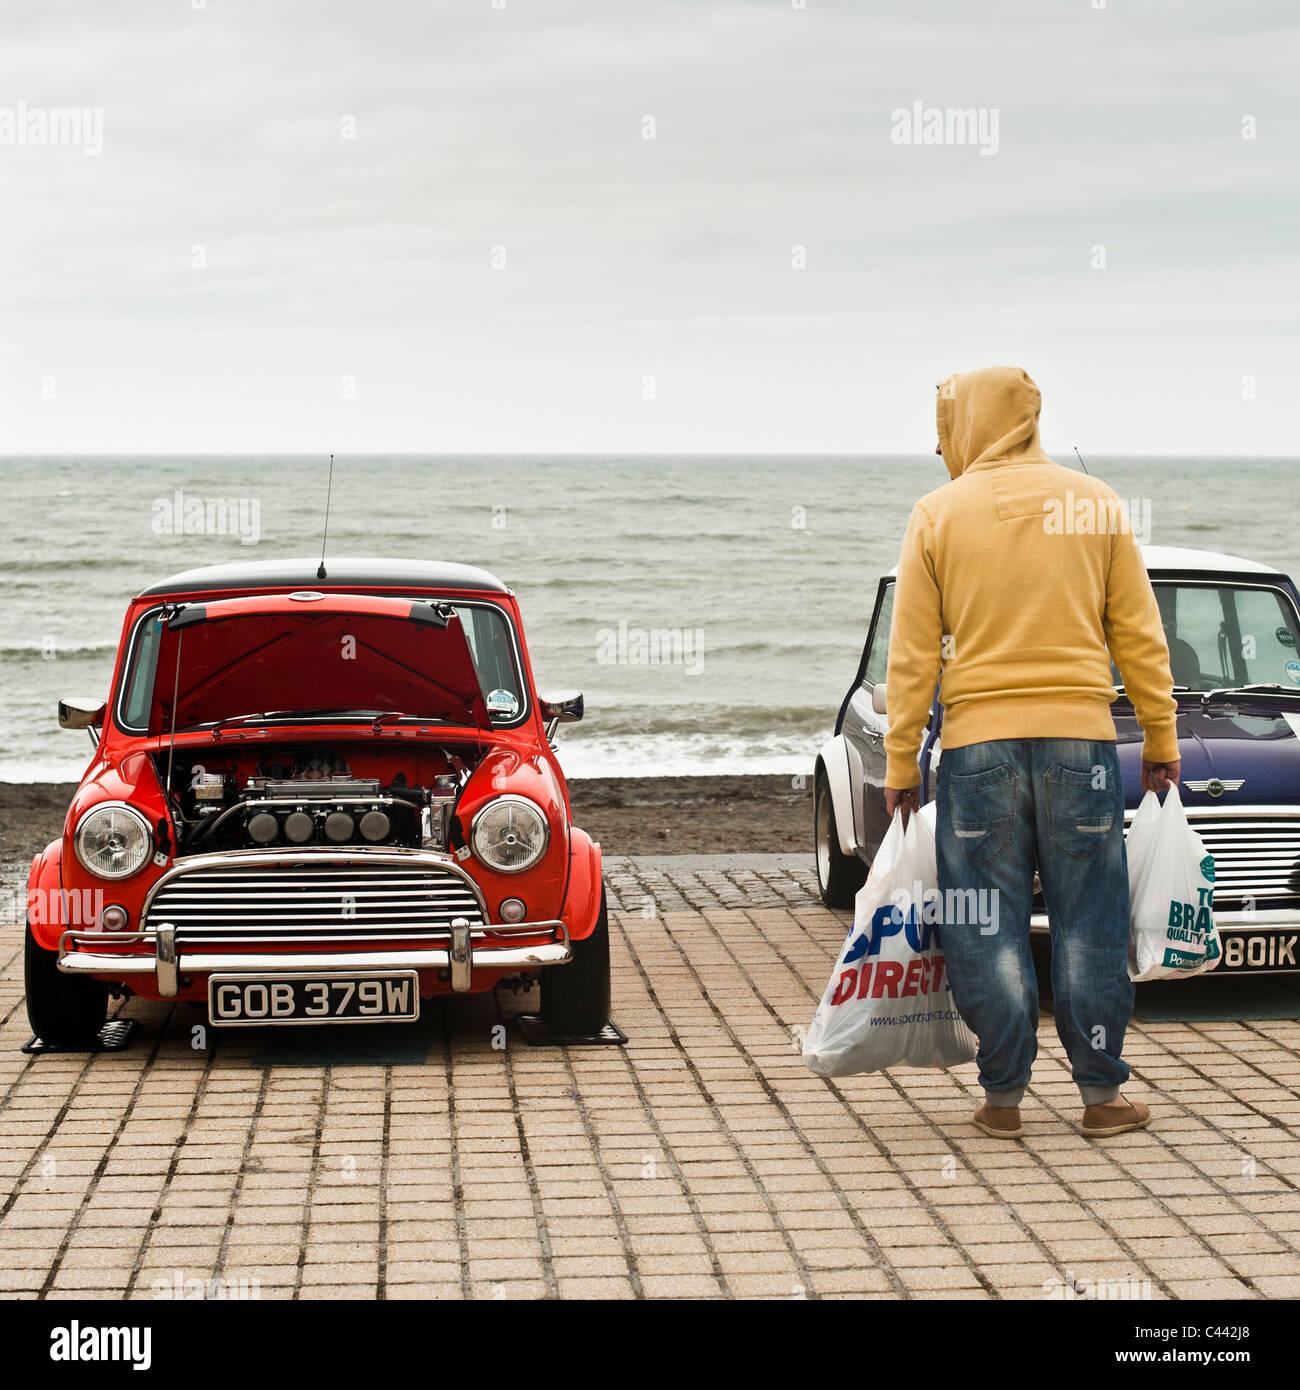 Week-end de Pentecôte - Mini propriétaire de voiture rallye sur la promenade Aberystwyth Wales UK Photo Stock